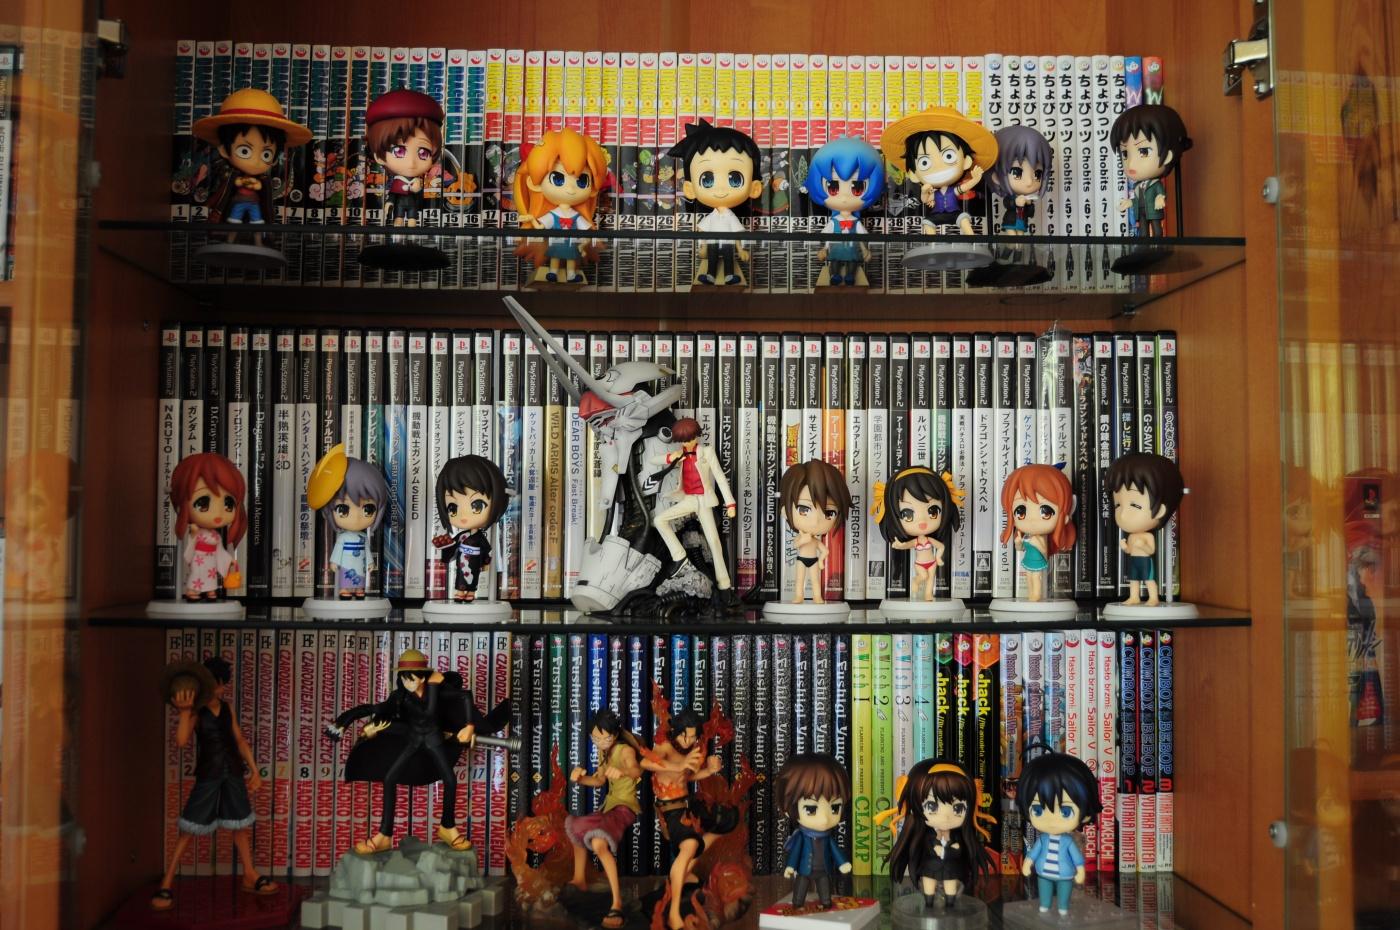 gainax kotobukiya nendoroid one_piece good_smile_company banpresto asahina_mikuru monkey_d._luffy portgas_d._ace kyon suzumiya_haruhi nagato_yuki koizumi_itsuki ayanami_rei souryuu_asuka_langley kurogane_no_linebarrels hayase_kouichi ichiban_kuji phat_company ikari_shinji deformation_maniac suzumiya_haruhi_no_shoushitsu nendoron ageta_yukiwo kyun-chara maruhige code_geass_-_hangyaku_no_lelouch oono_takeo petit_eva:_evangelion@school itoyasu one_piece_film:_strong_world ichiban_kuji_kyun-chara_world_one_piece mashiro_moritaka rolo_lamperouge bakuman. ichiban_kuji_premium_suzumiya_haruhi_no_kujibiki ichiban_kuji_one_piece_film_~strong_world~ kawasumi_chiaki ichiban_kuji_kyun-chara_world_one_piece_~kaizokuki_no_shita_ni~ ichiban_kuji_premium_code_geass_hangyaku_no_lelouch_r2_~romantic_variation~